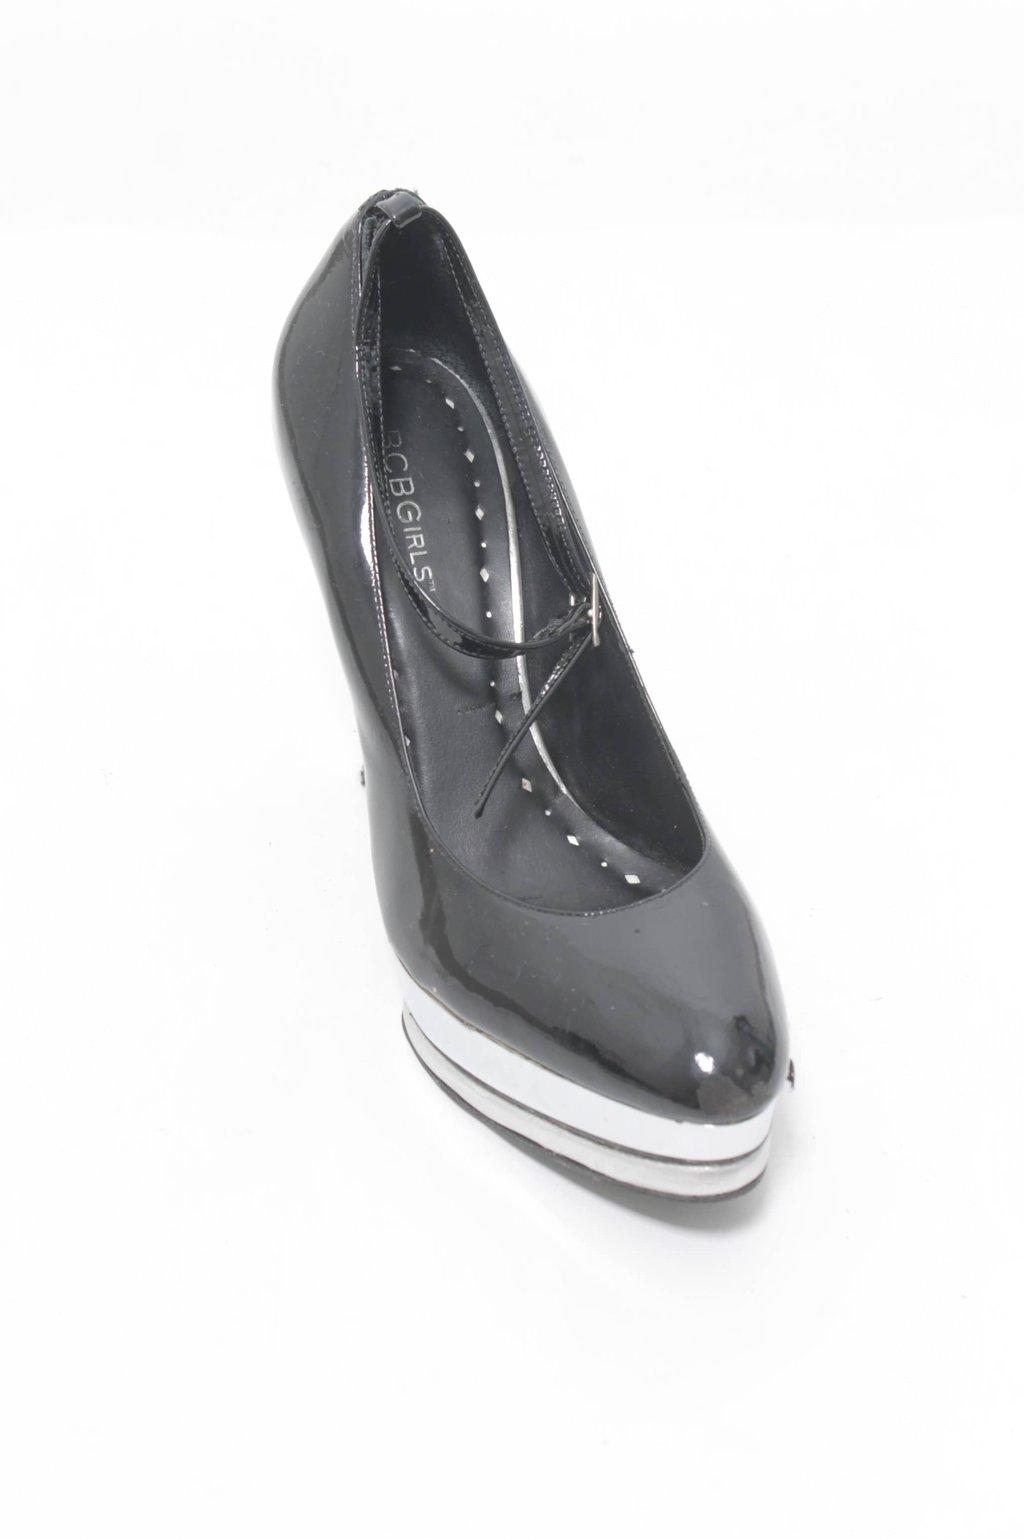 Sapato Preto Envernizado BCBGirls